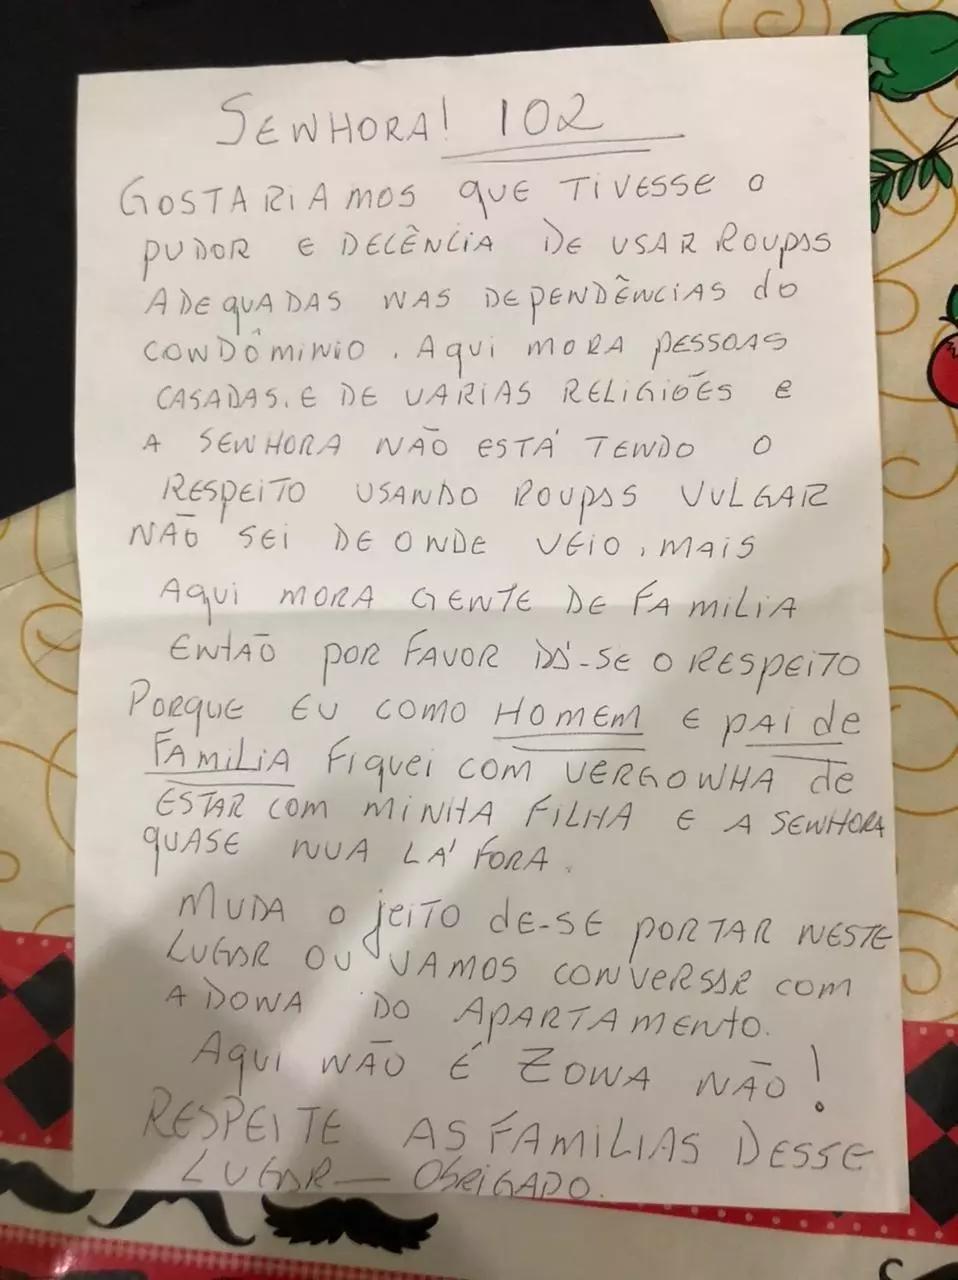 Carta pede que moradora use roupas 'adequadas' nas dependências do condomínio.